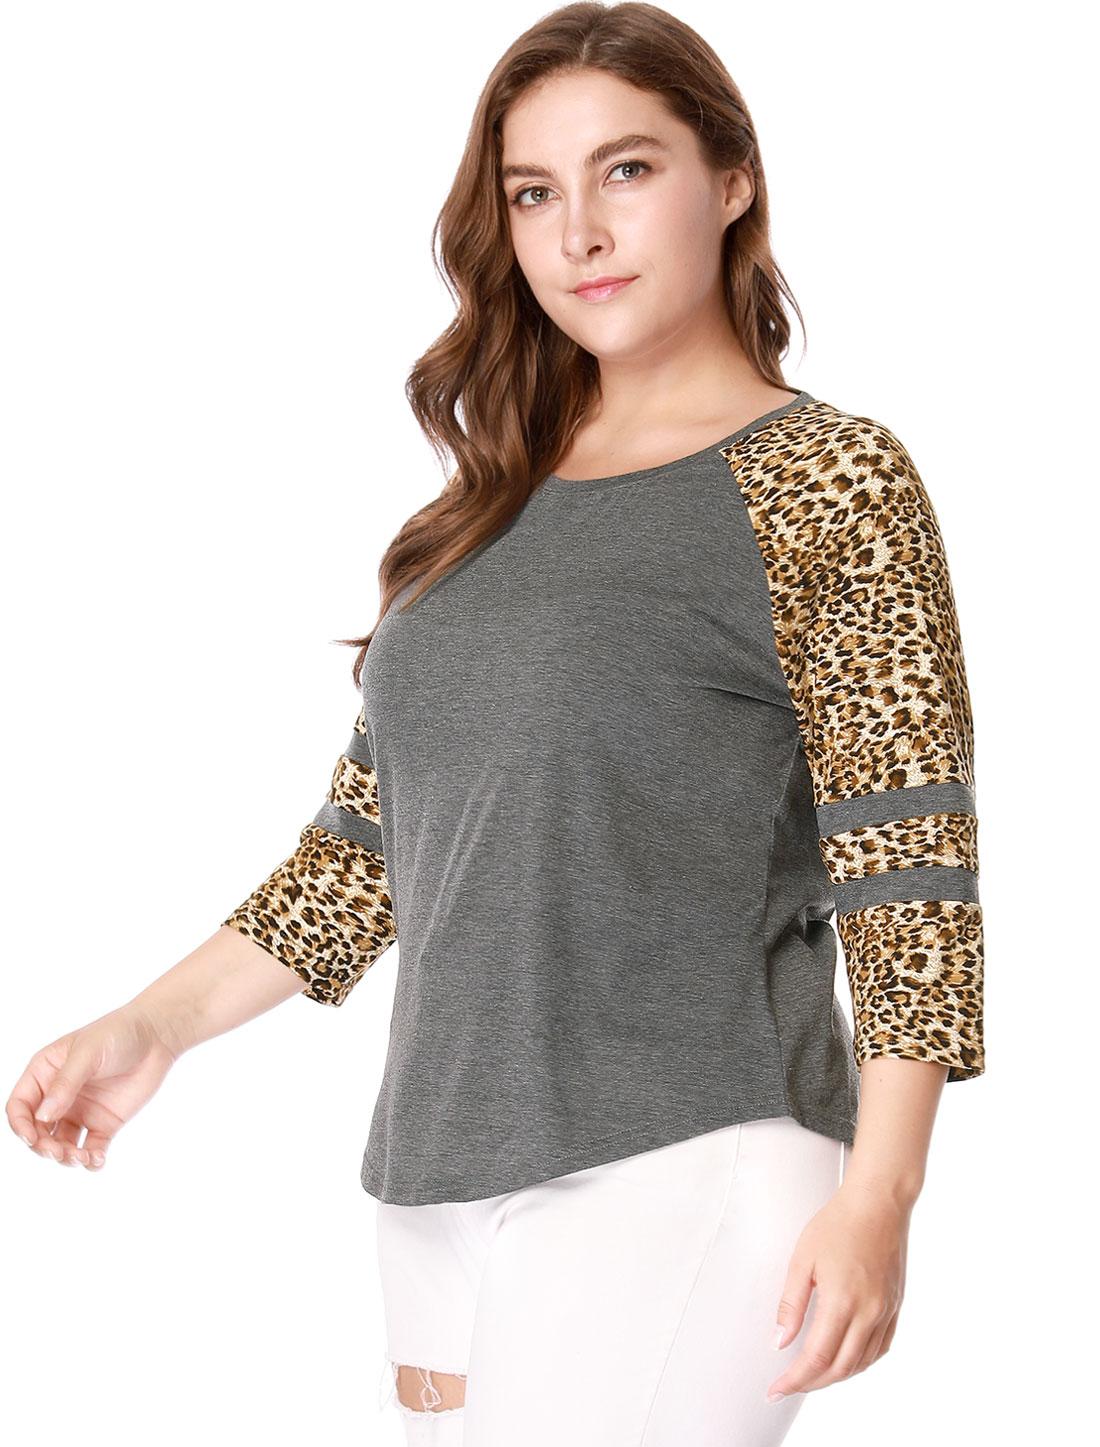 218a22c6527d Unique Bargains - Women's Plus Size 3/4 Raglan Sleeve Leopard Print Fashion Tops  Blouse Shirt - Walmart.com